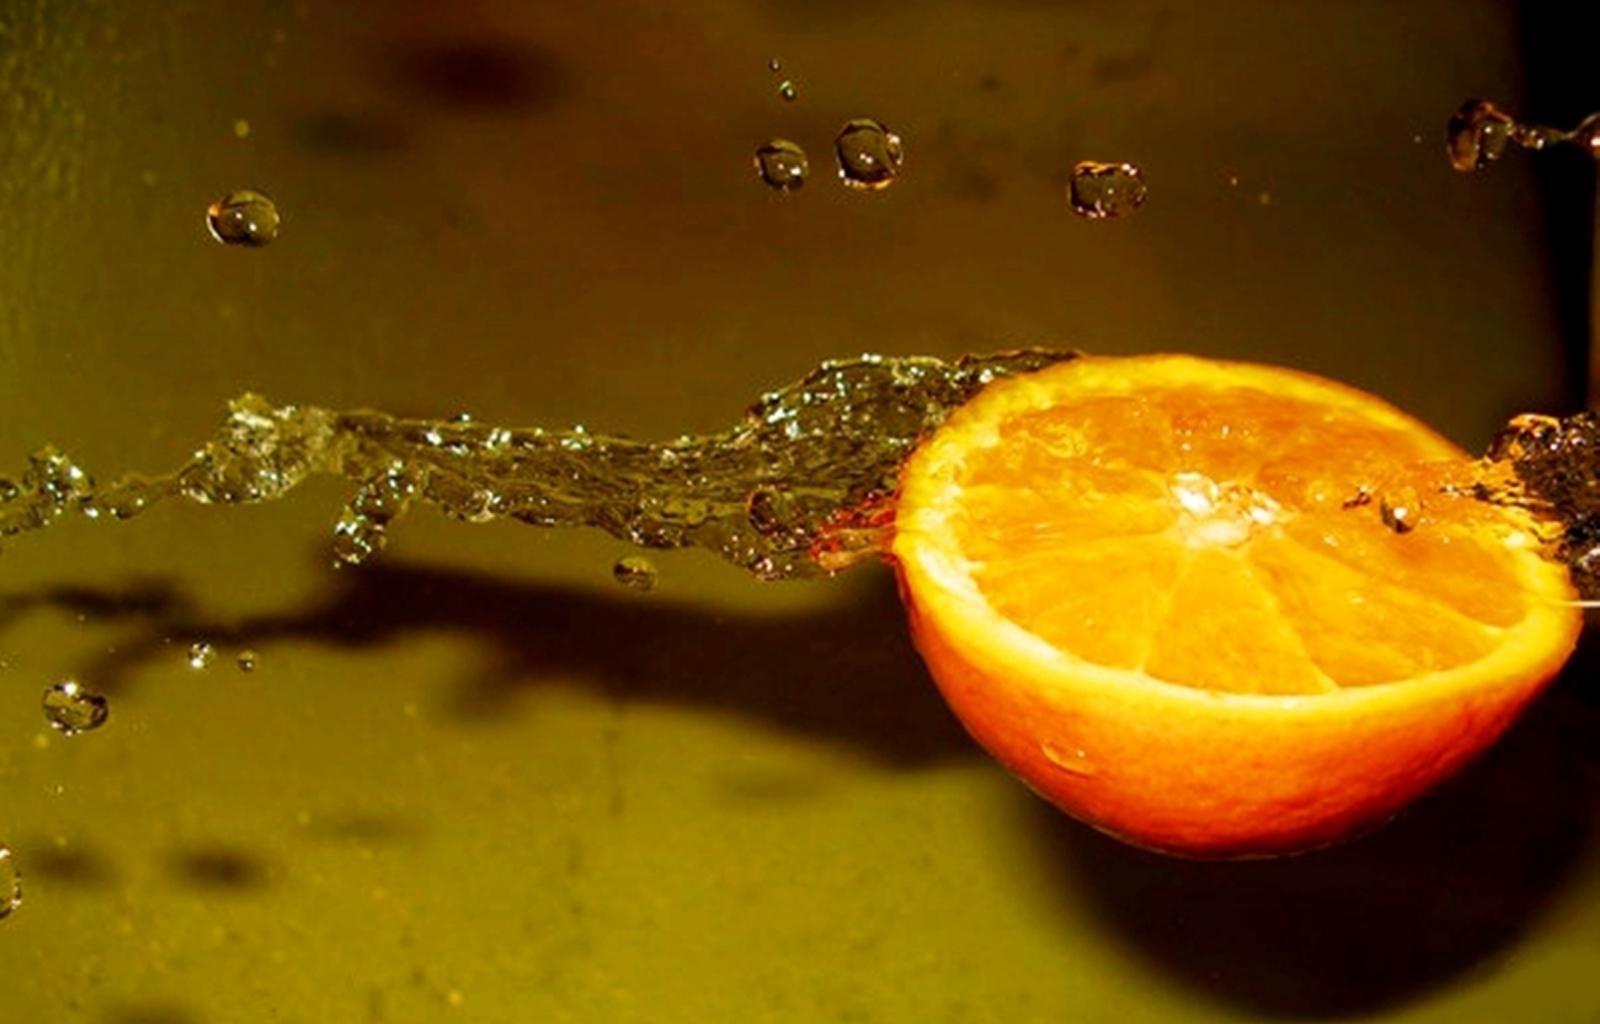 8663 скачать обои Фрукты, Вода, Еда, Апельсины, Капли - заставки и картинки бесплатно